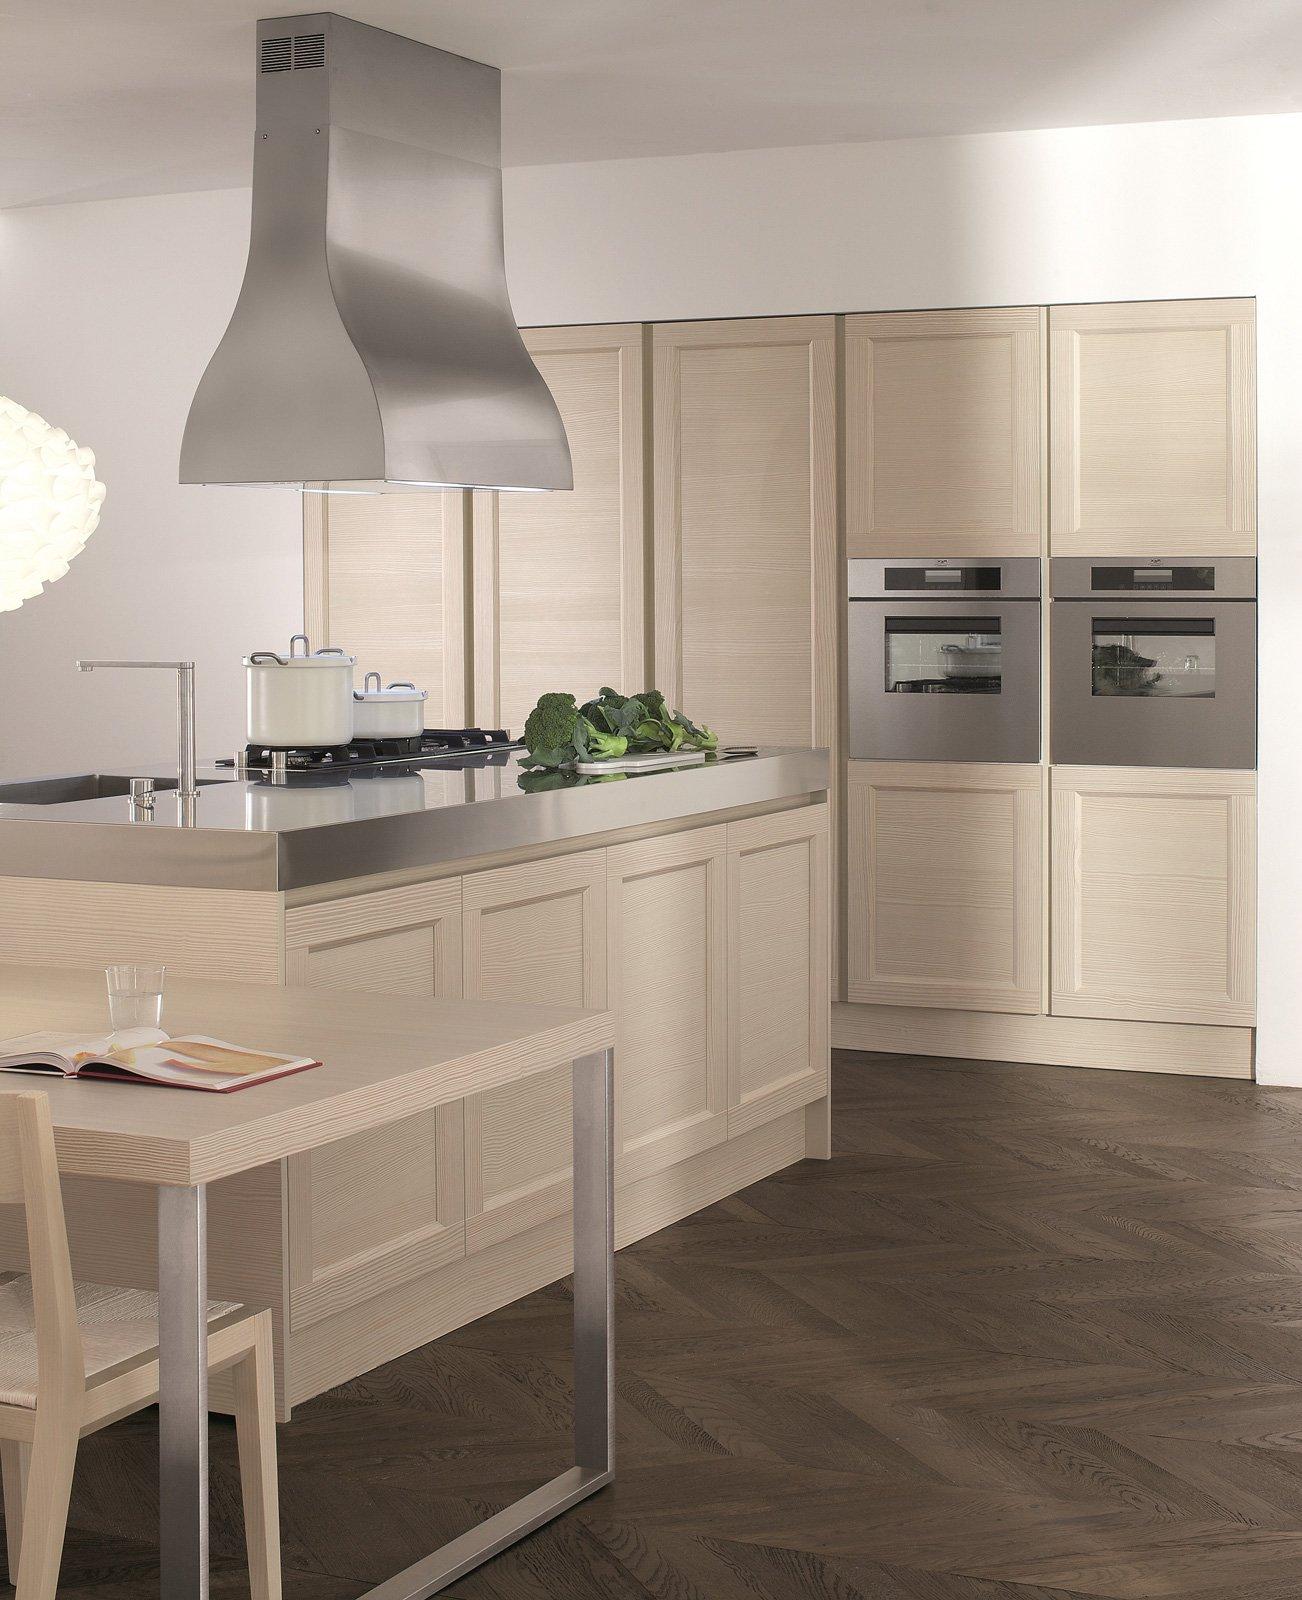 cucine con ante riquadrate o a telaio - cose di casa - Cucine Doimo Prezzi